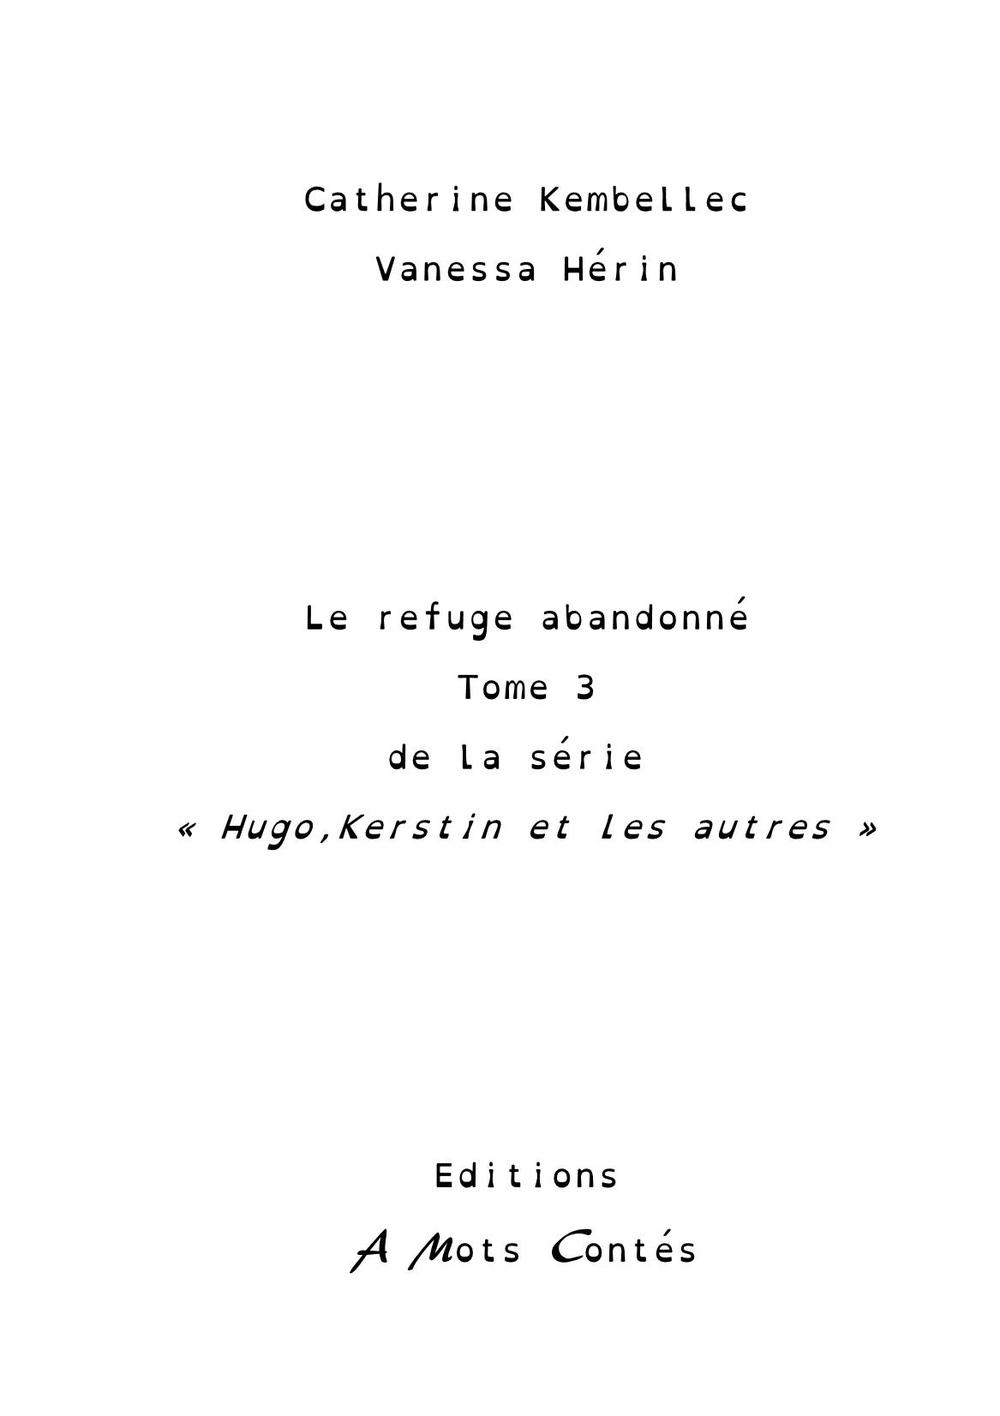 Le_refuge_abandonné_IMPRESSION1_Page_5